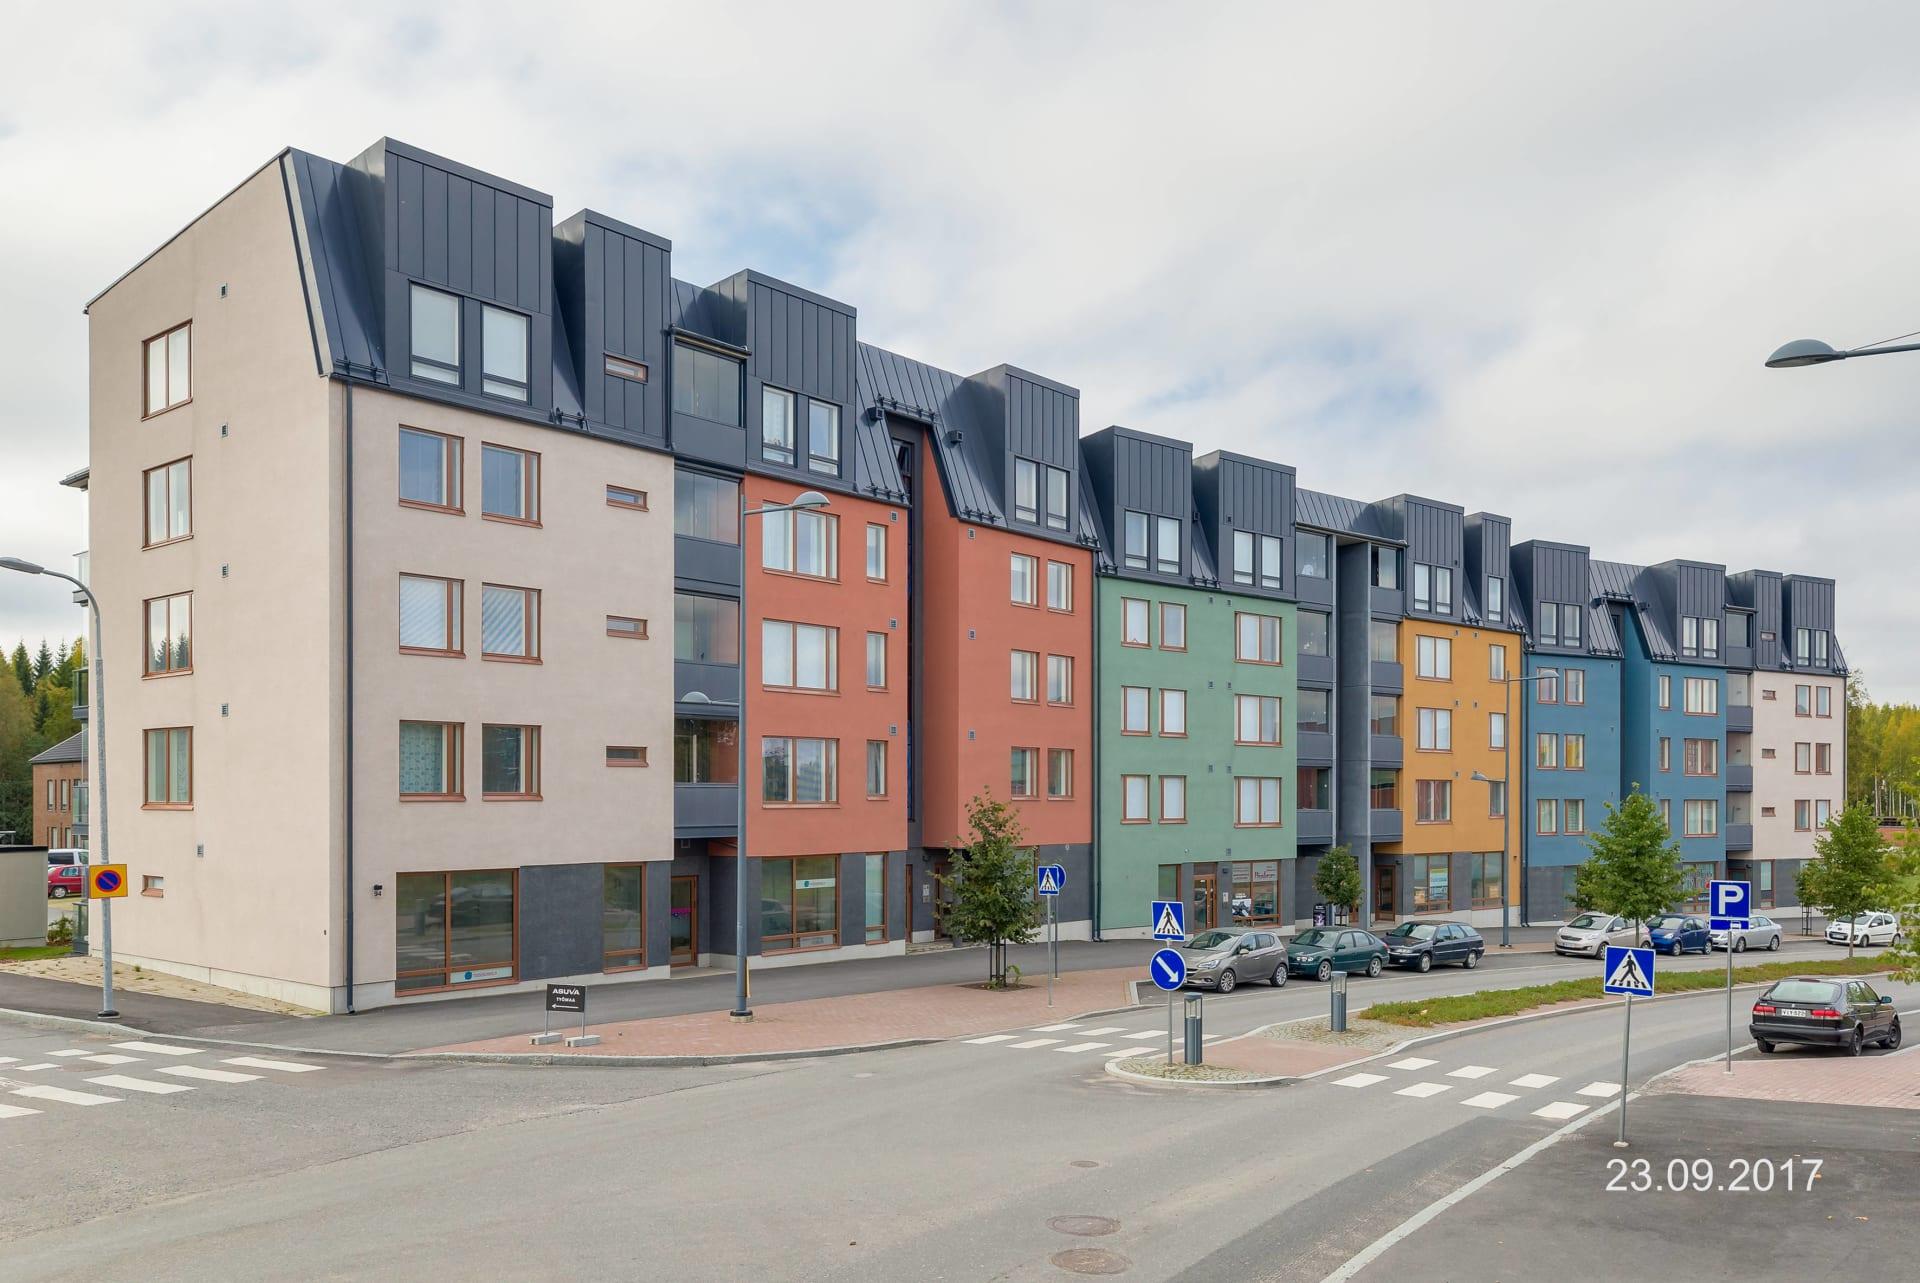 Vuoreksen puistokatu 92, Tampere - vuokra-asunto